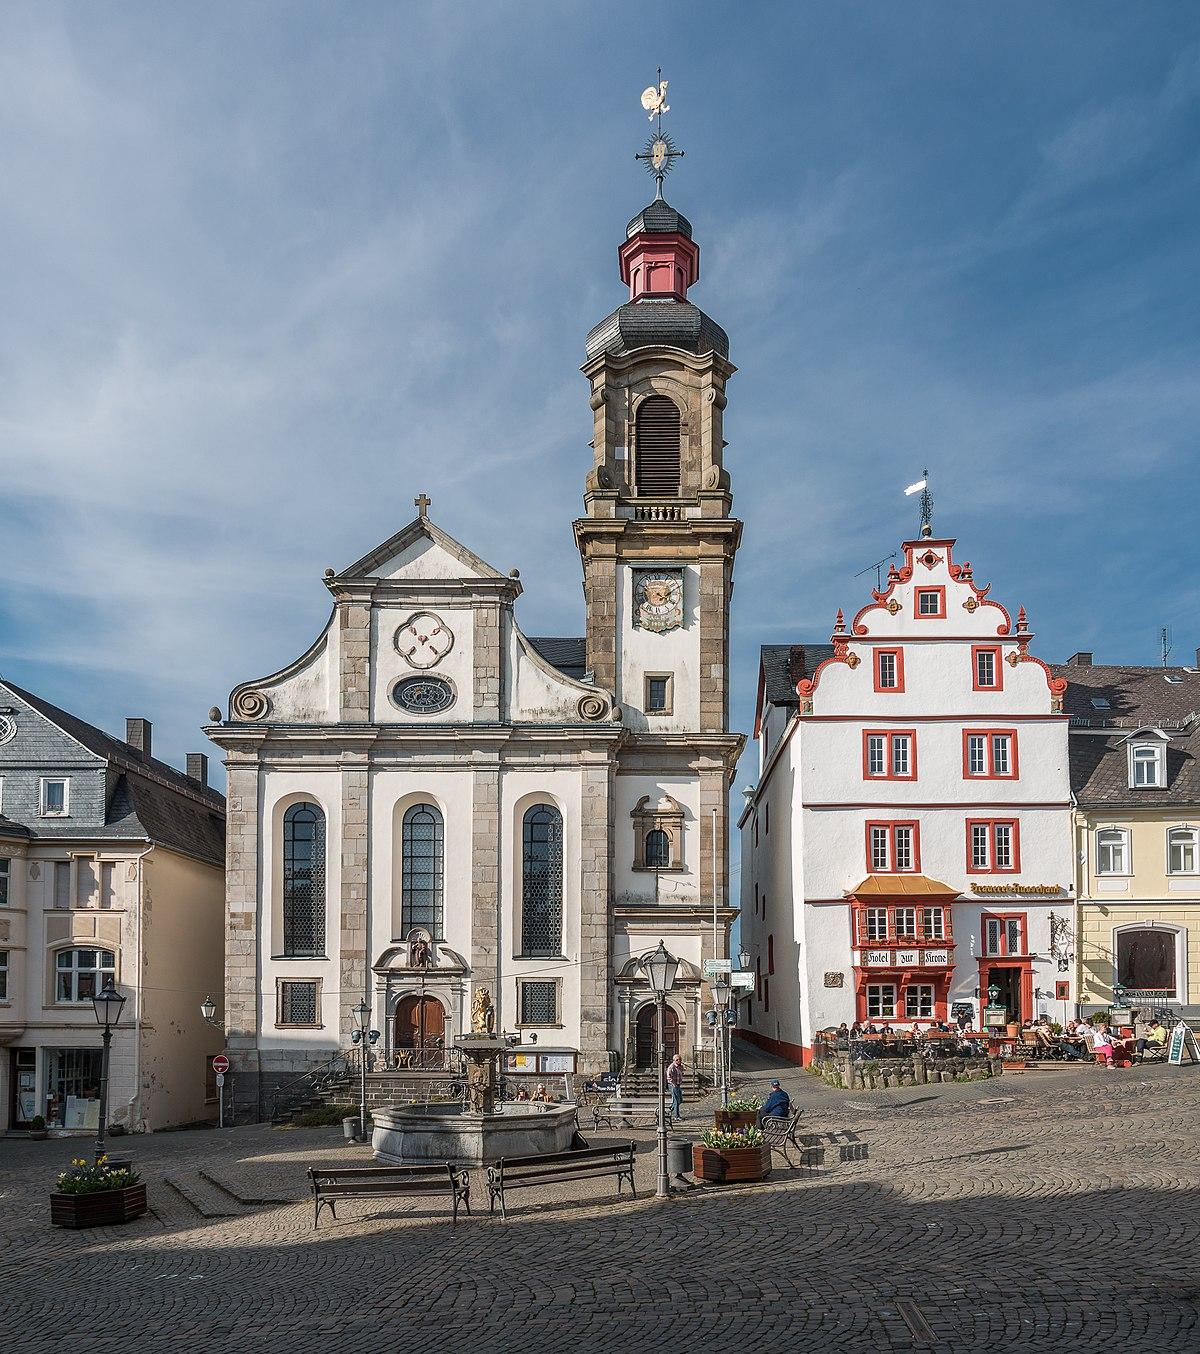 Franziskanerkloster Hachenburg Wikipedia: burg hachenburg